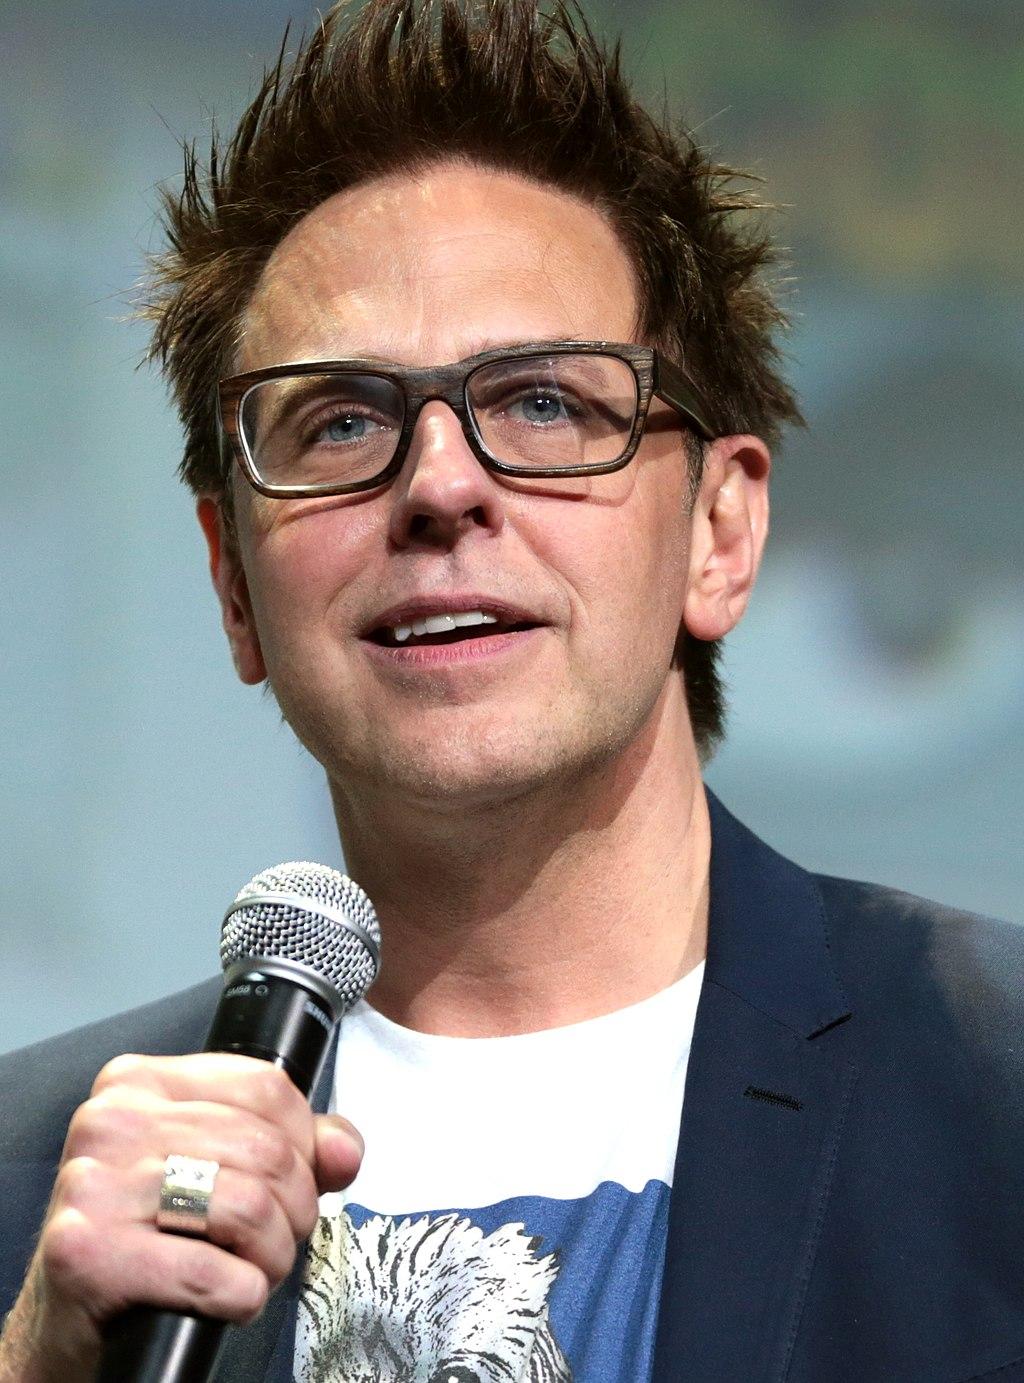 James Gunn bientôt aux commandes de nouveaux projets Warner Bros.